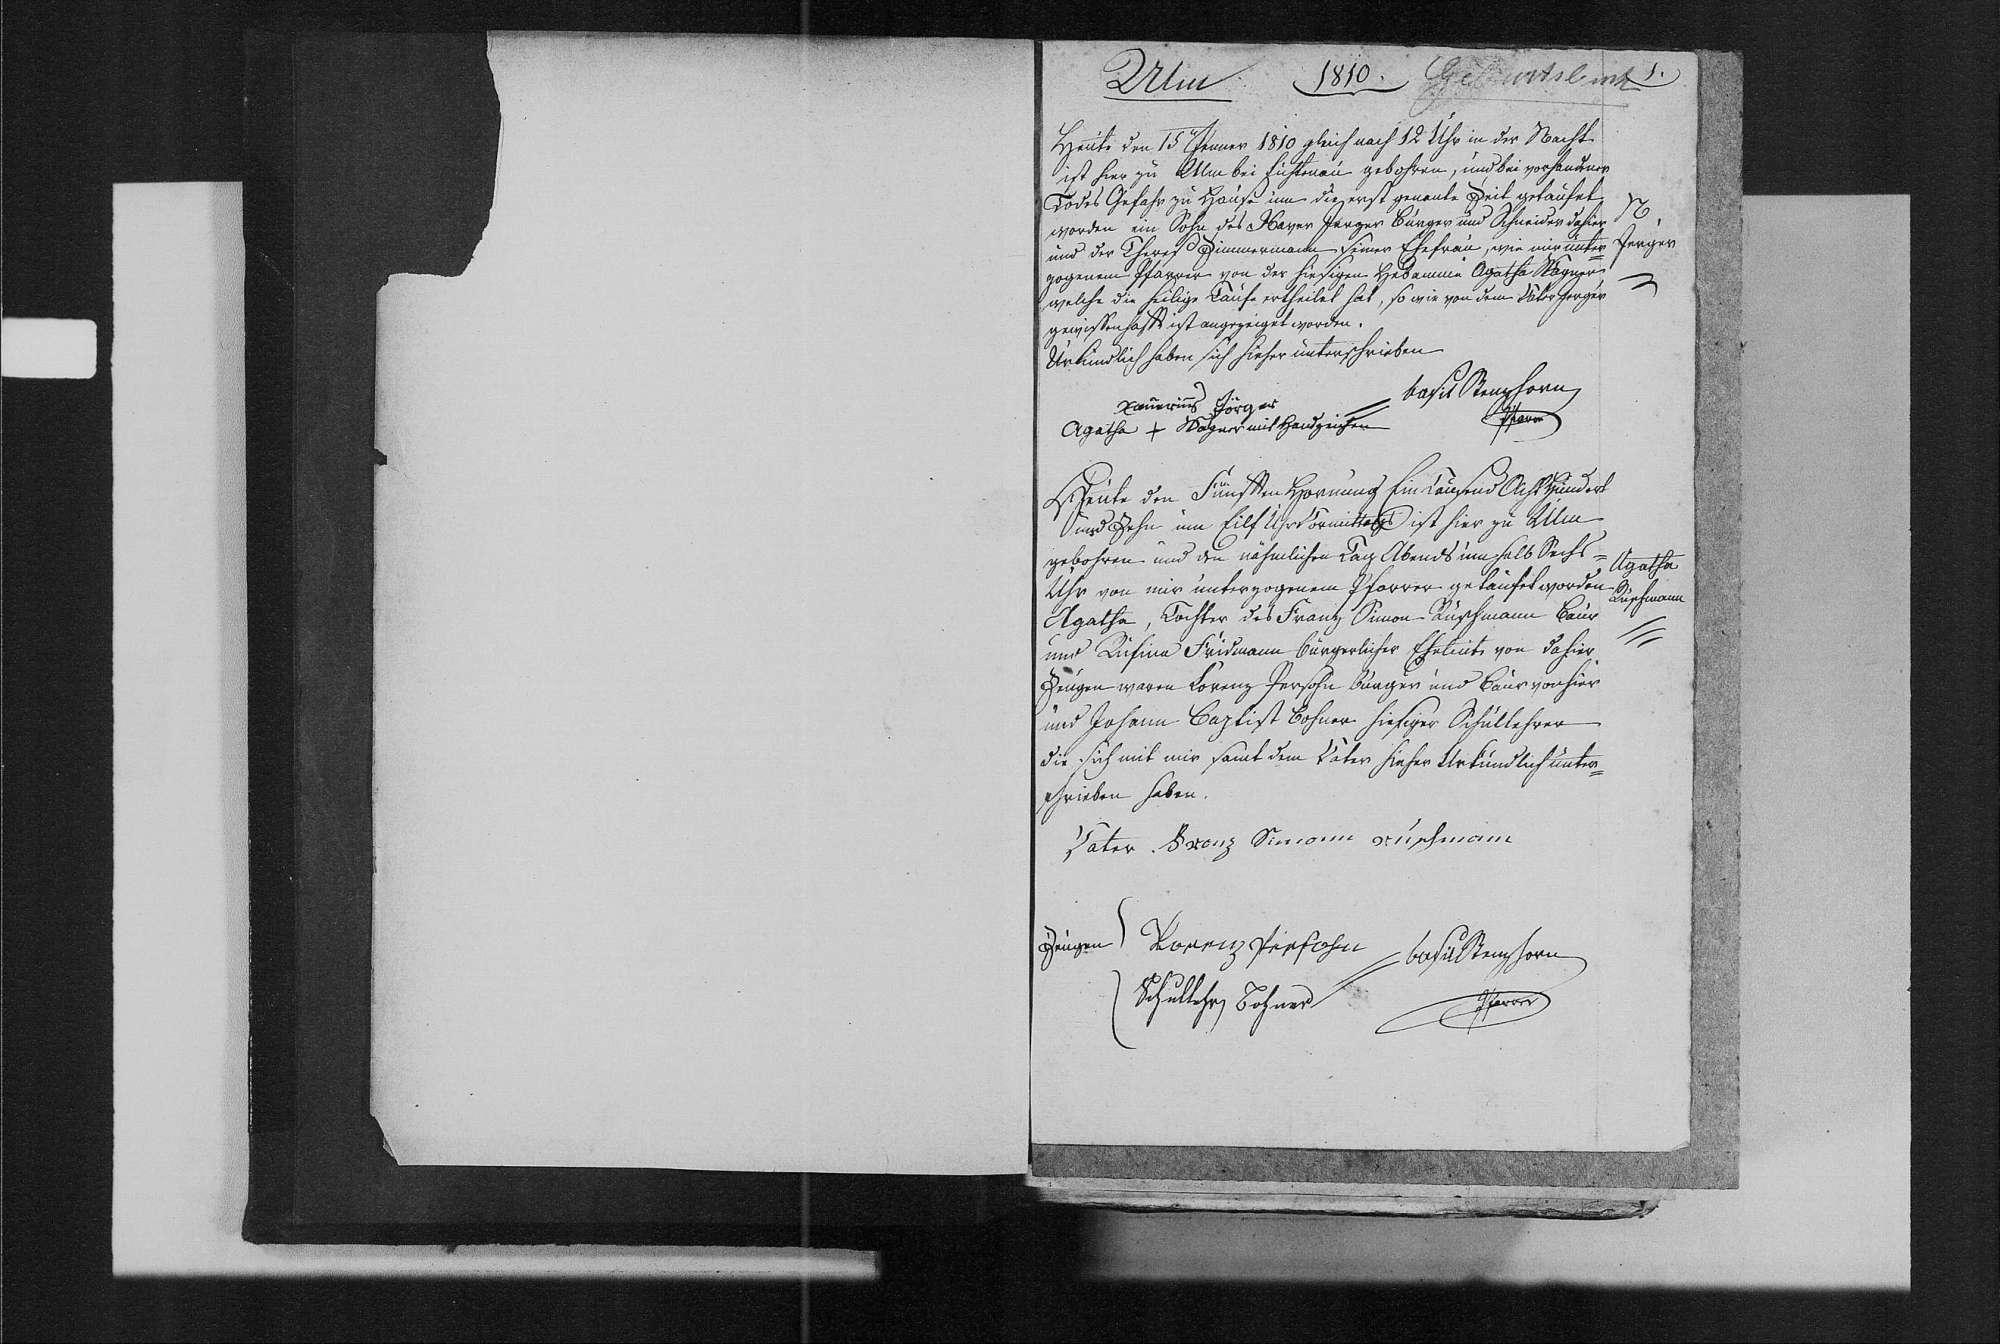 Ulm, katholische Gemeinde: Geburtenbuch 1810-1870, Bild 3